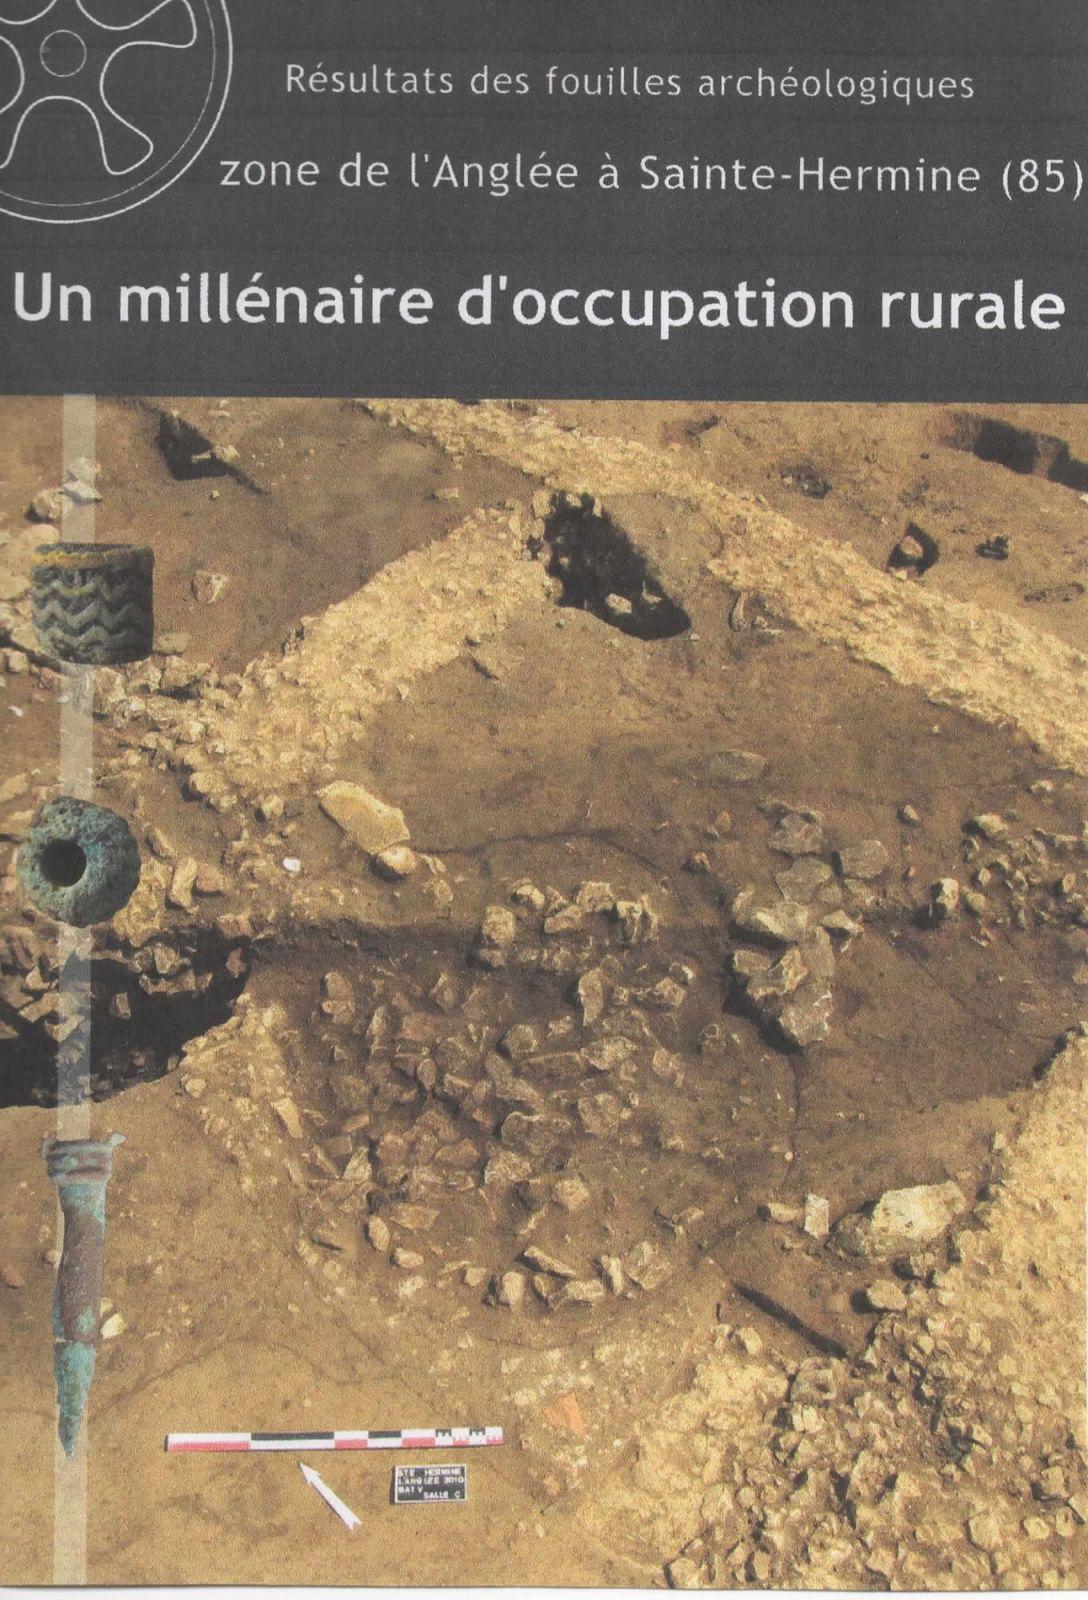 Les nouvelles fouilles de l'Anglée